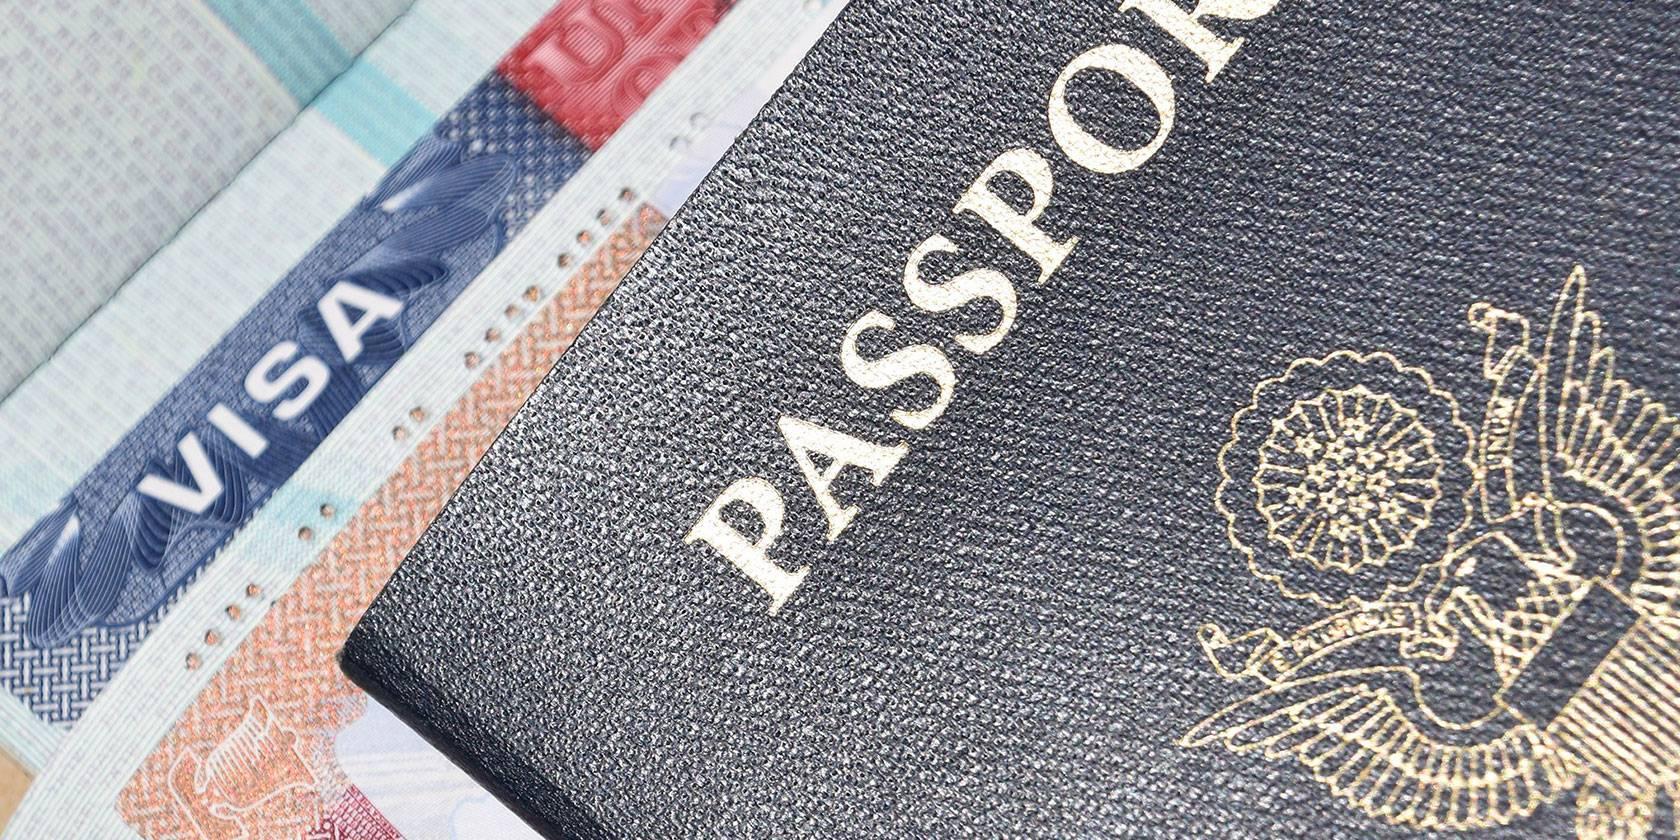 Бизнес иммиграция в германию — получение бизнес-визы 2021